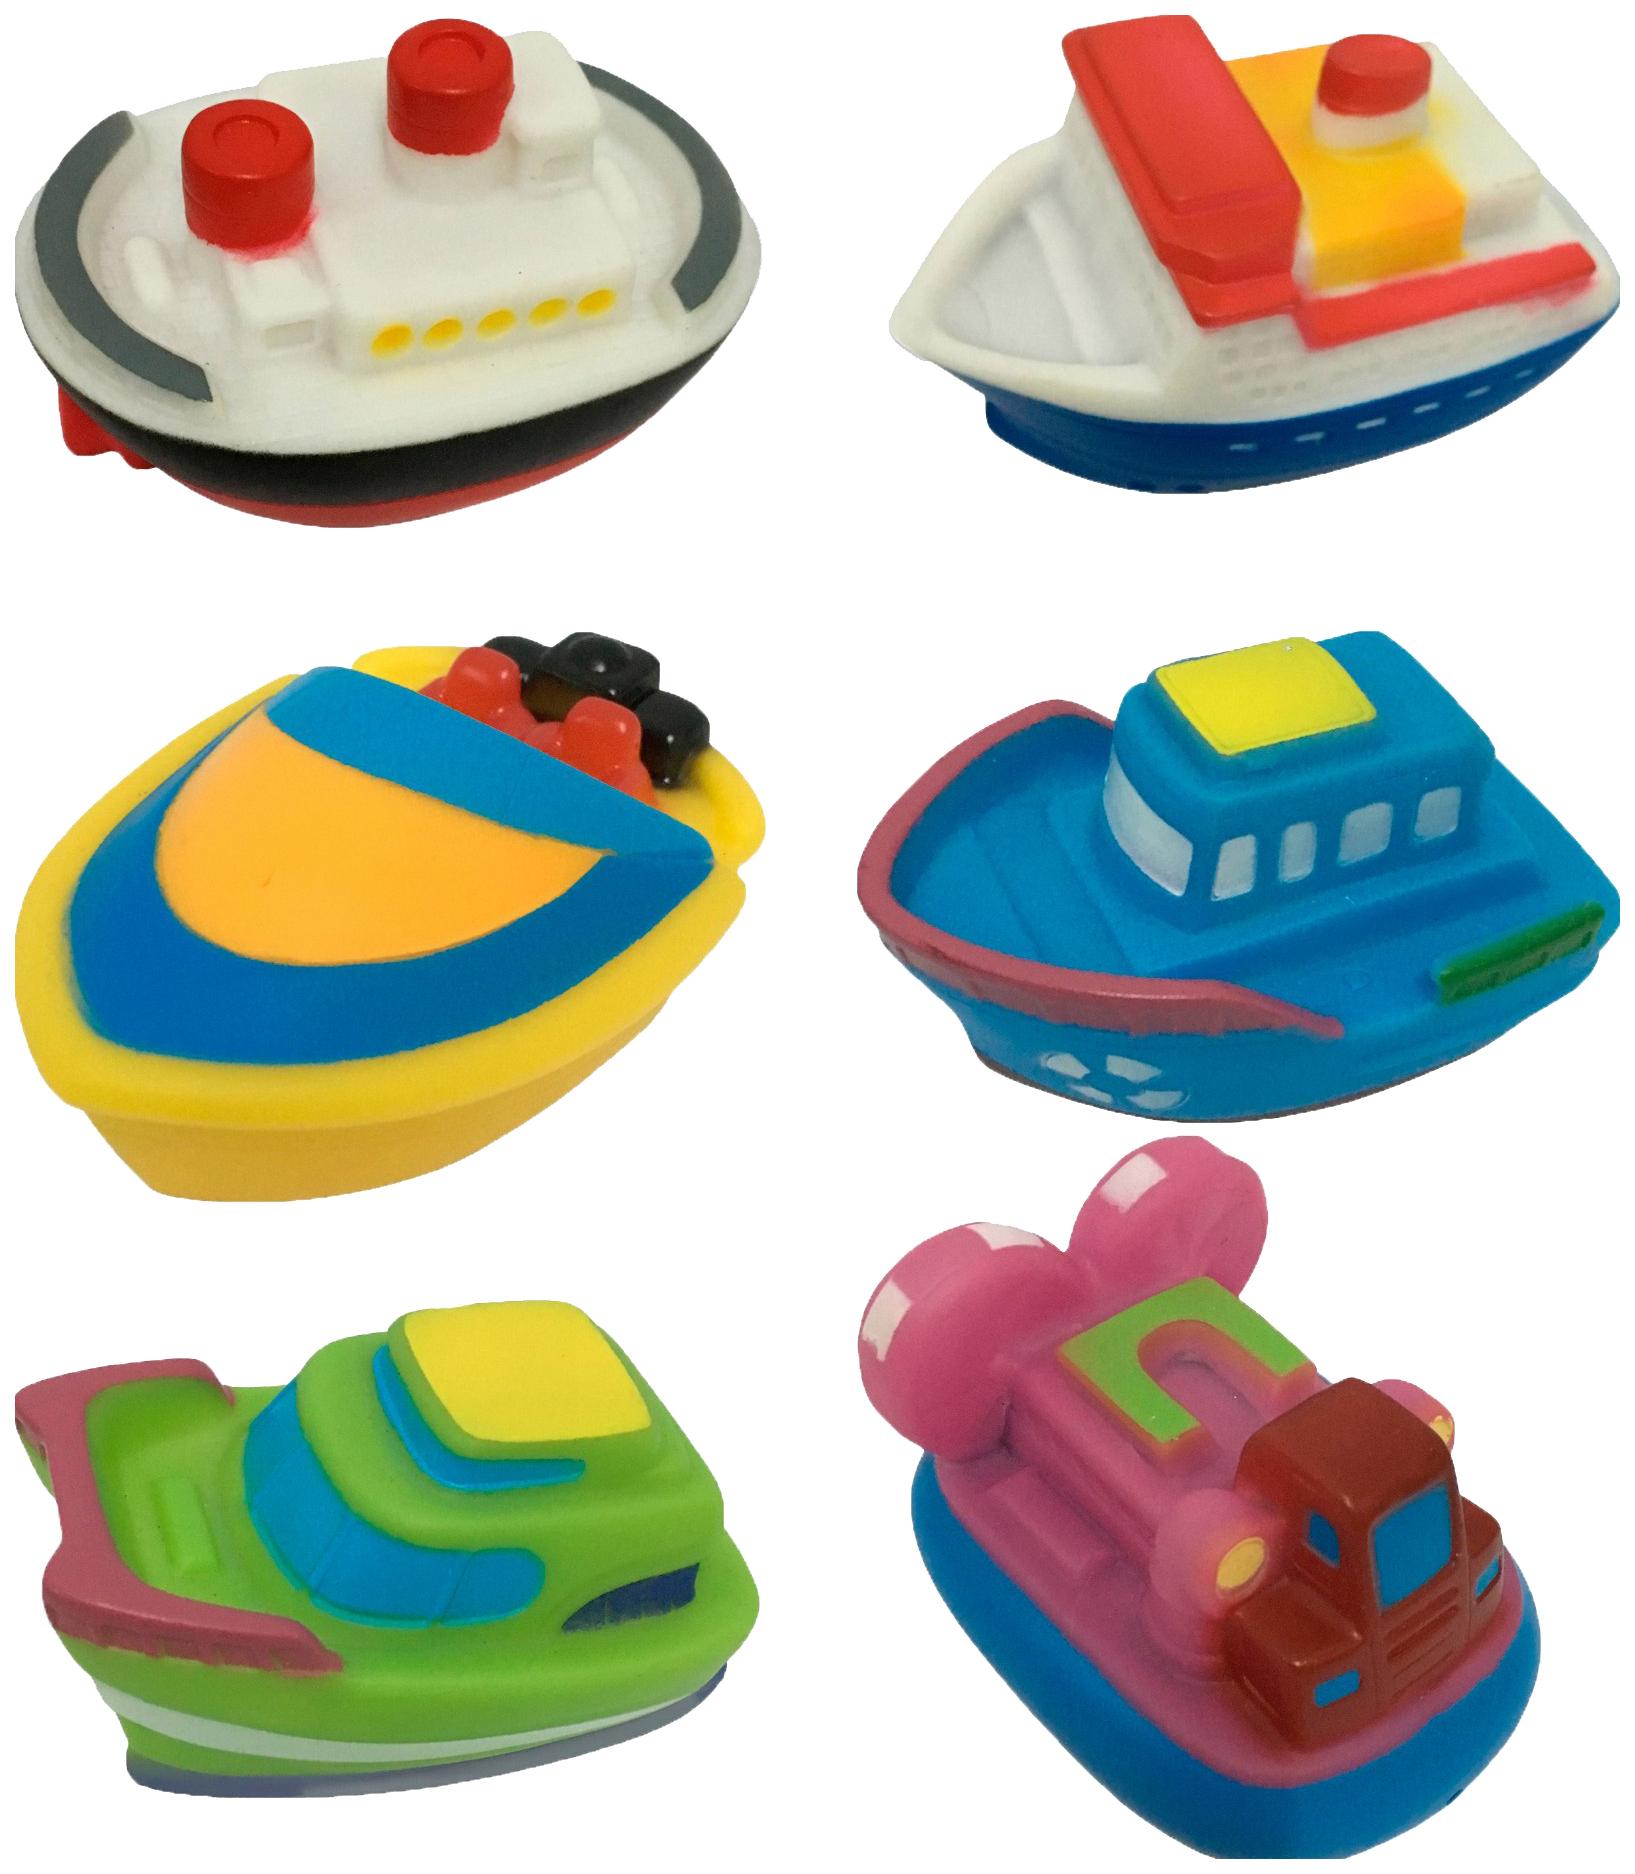 Купить Веселое купание. катер-брызгалка для ванной pt-00518(wa-c7546), ABtoys, Игрушки для купания малыша